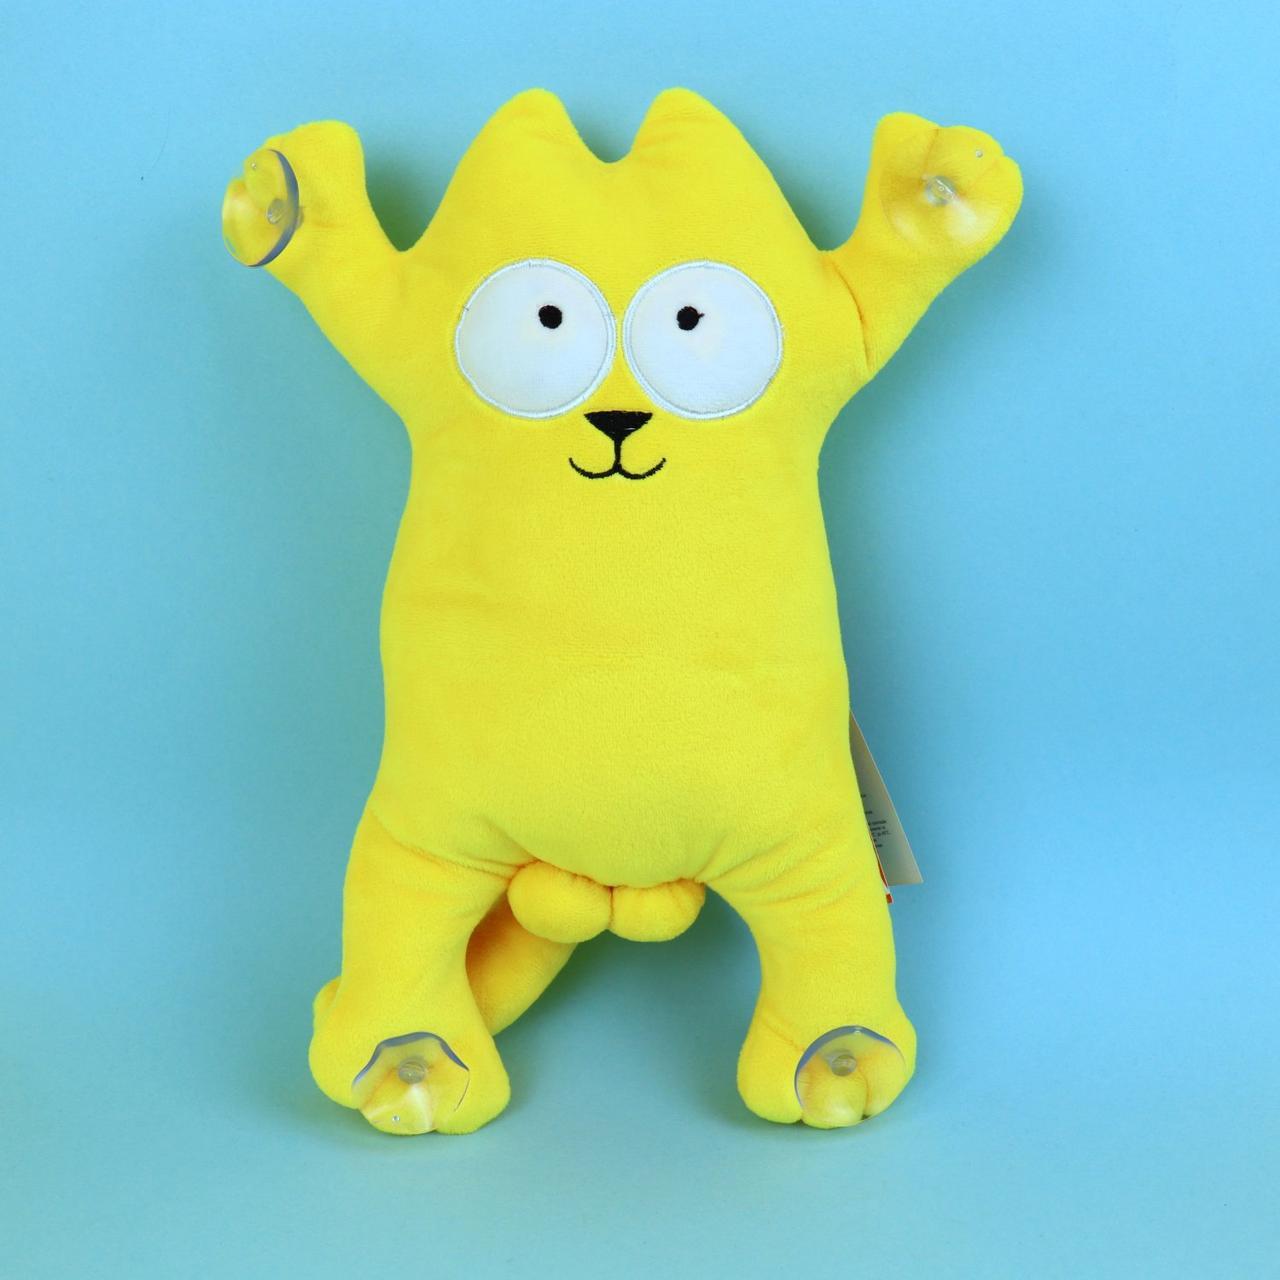 00284-13оран Кот Саймон желтый мягкие игрушки на присосках тм Копиця